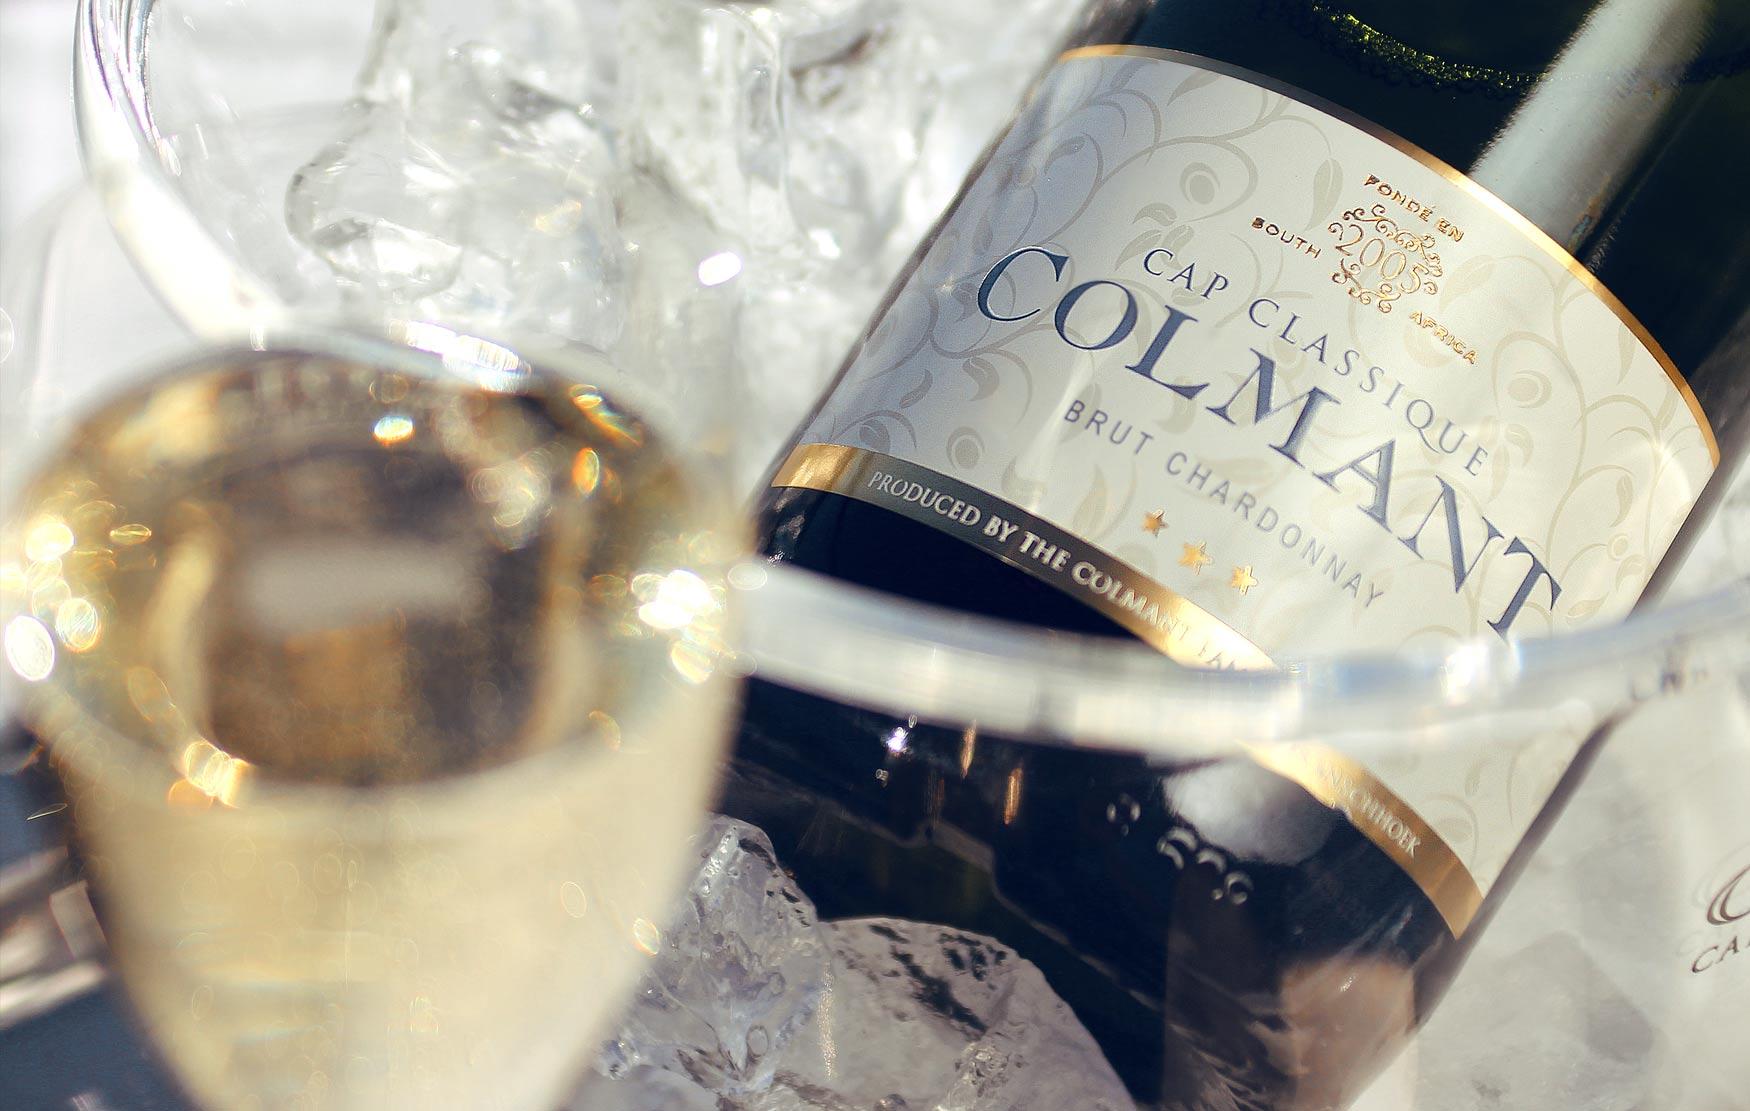 Colmant